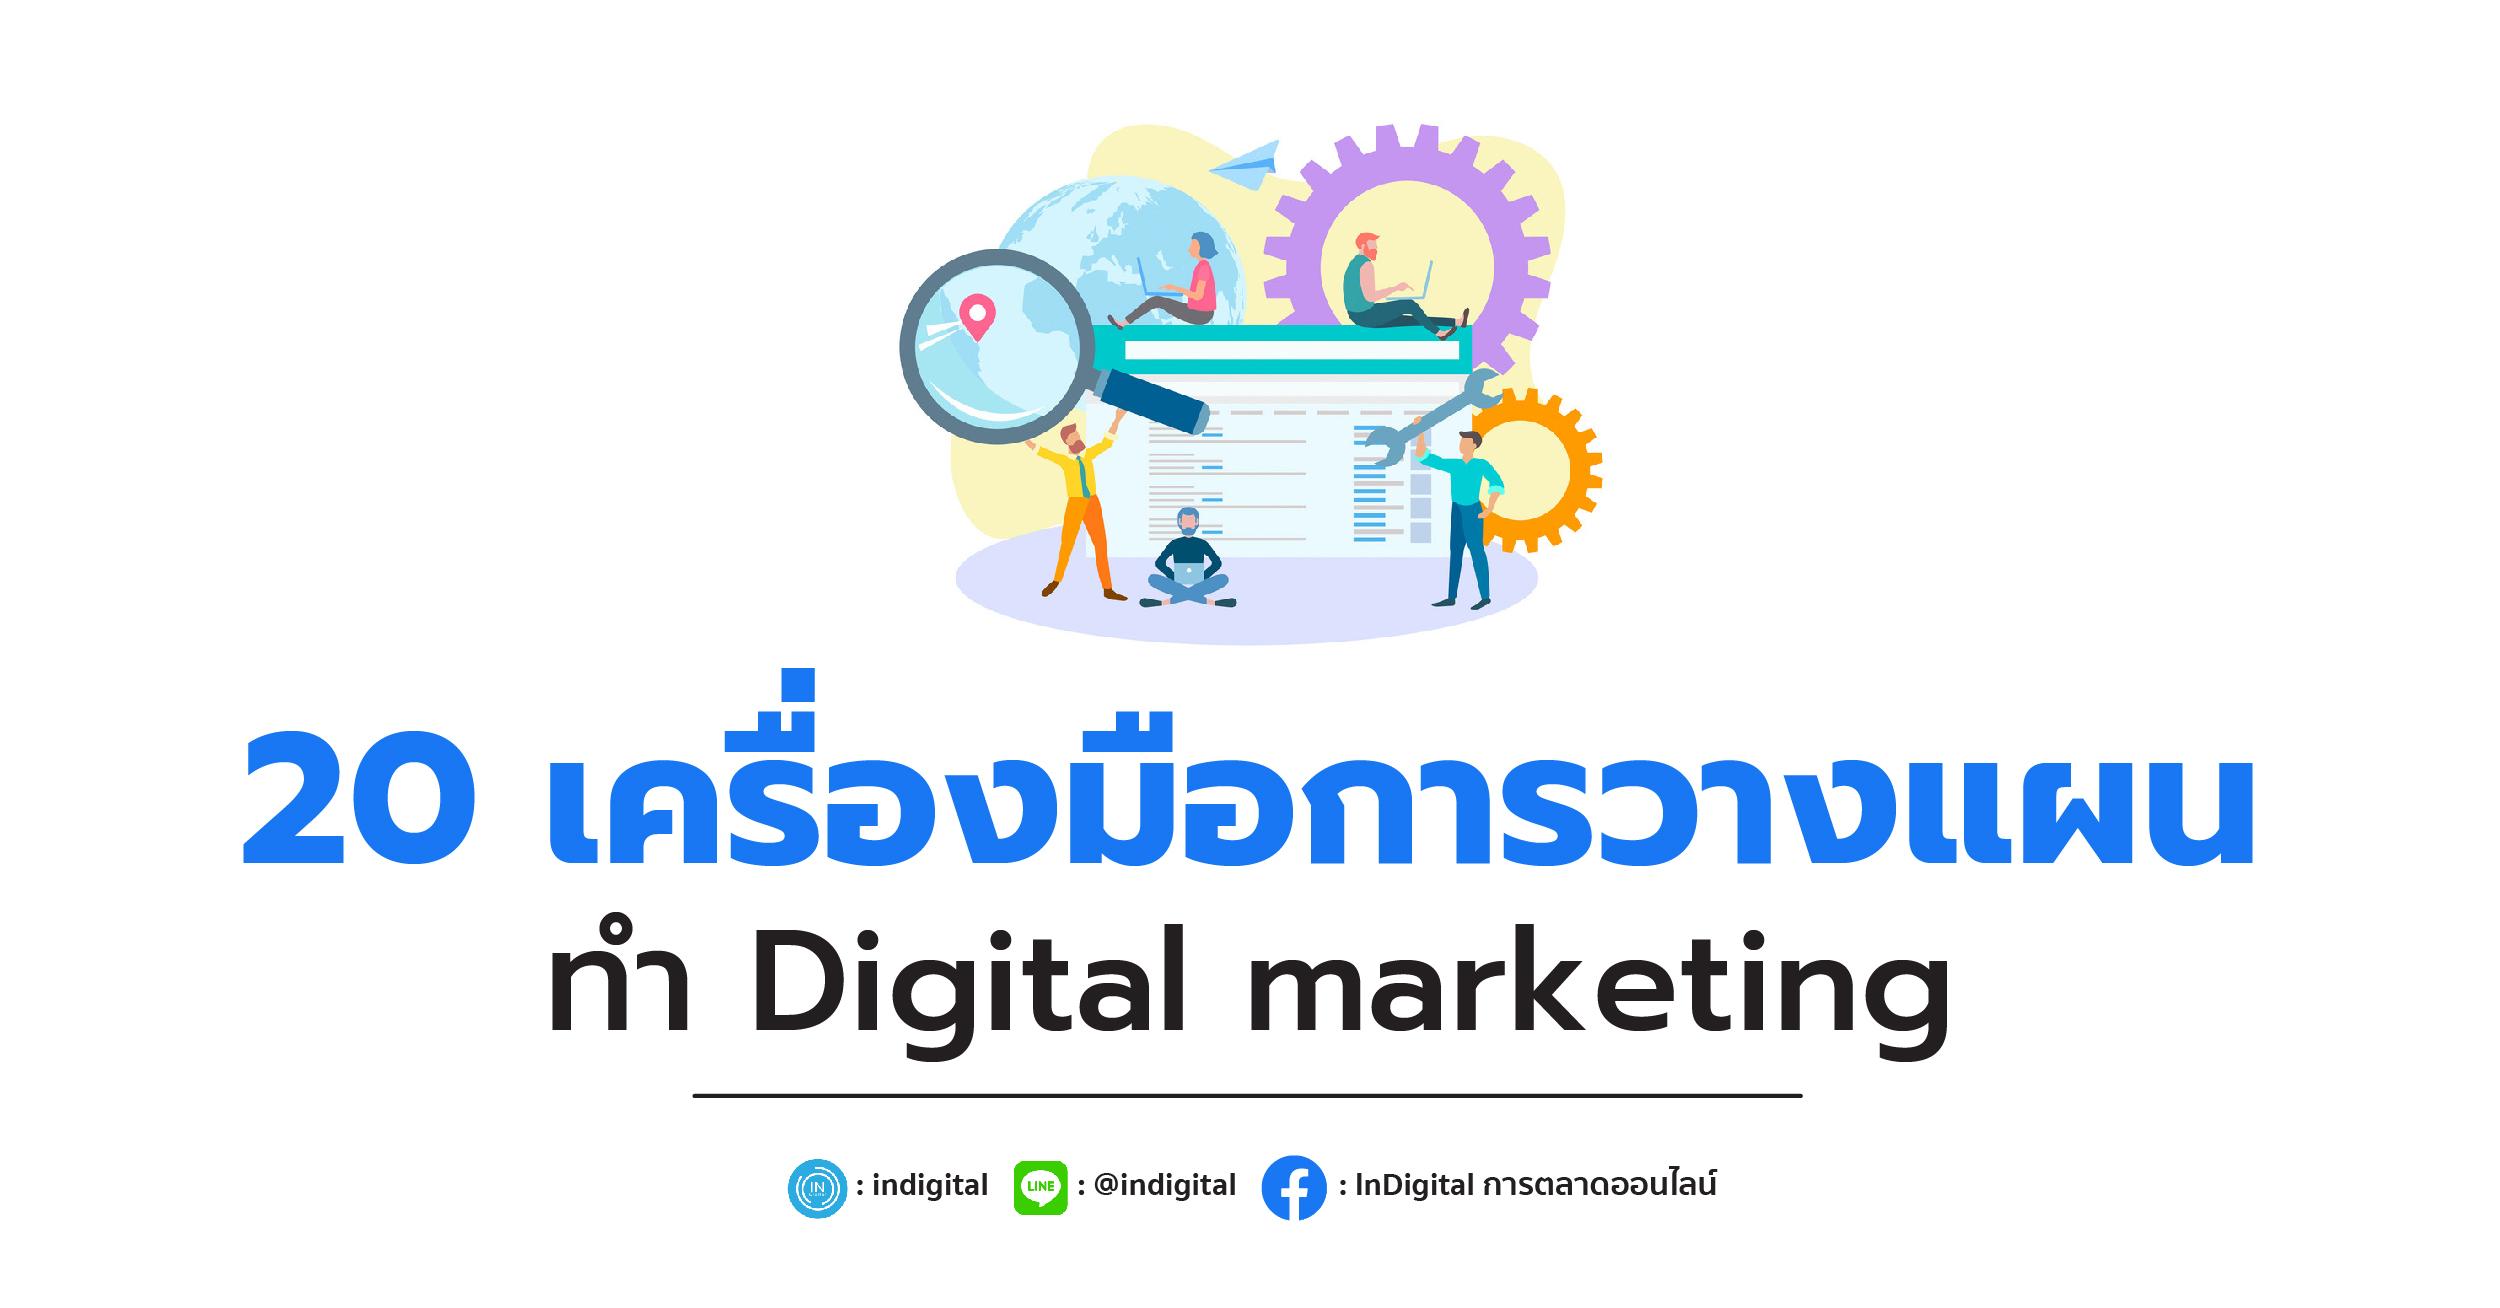 20 เครื่องมือการวางแผนทำ Digital marketing